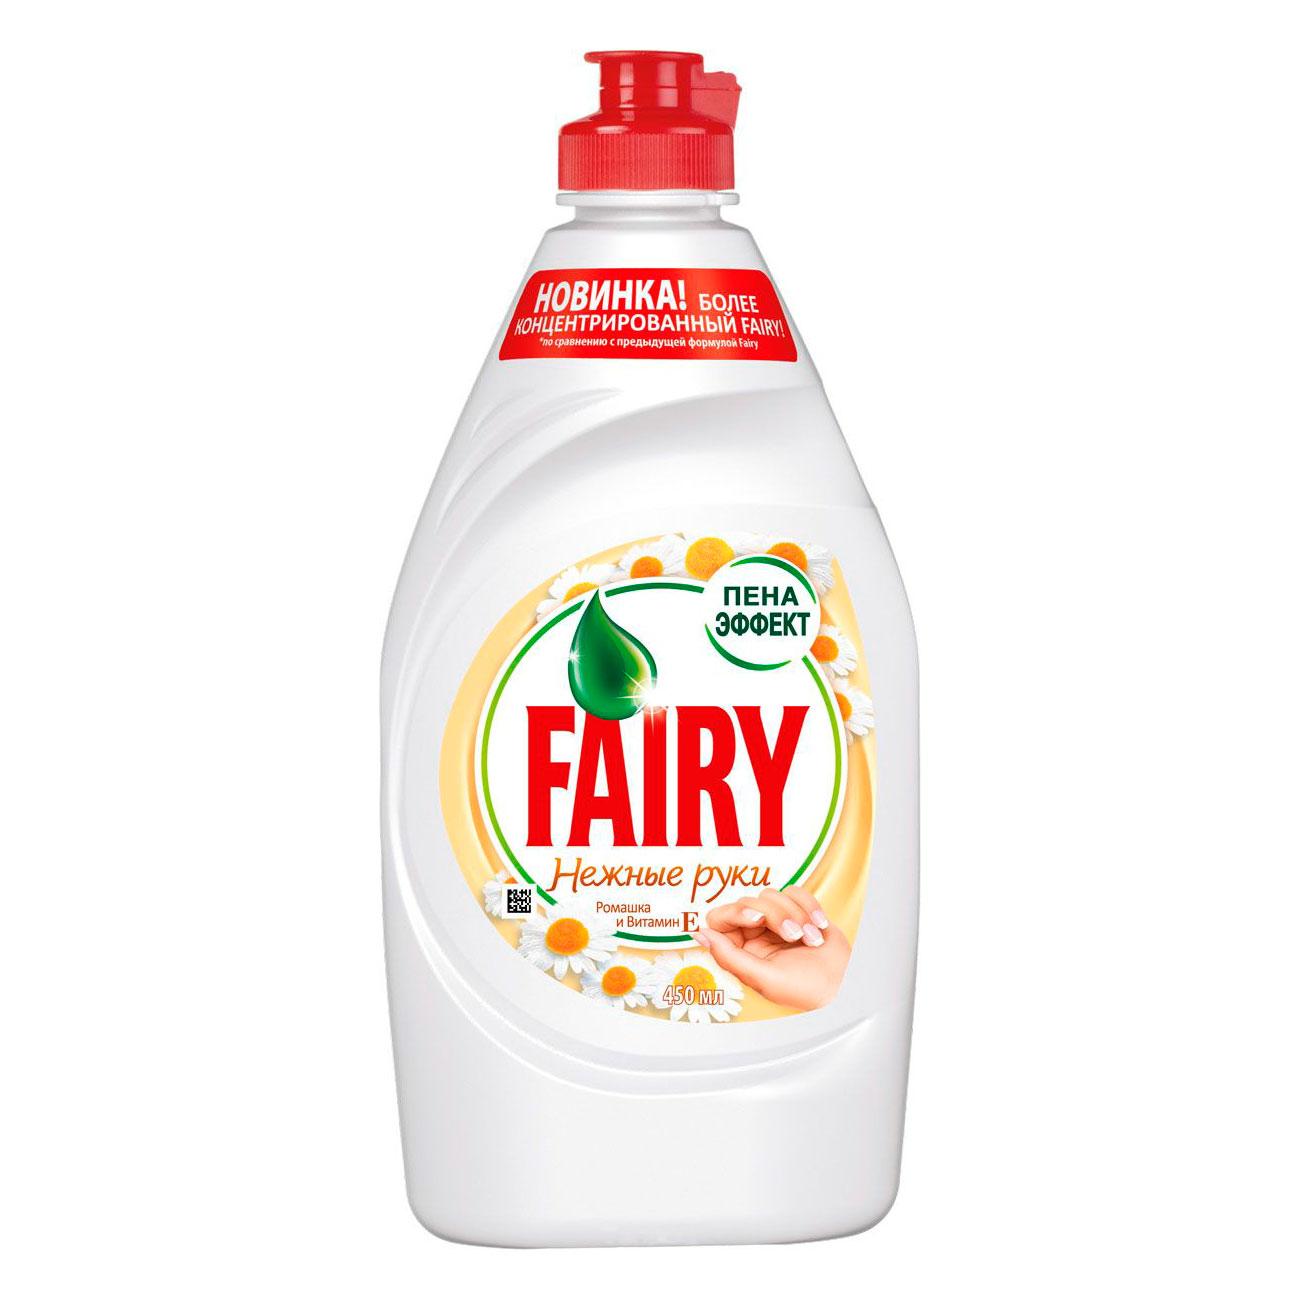 Средство для мытья посуды FAIRY Нежные руки Ромашка и витамин Е 450 мл<br>